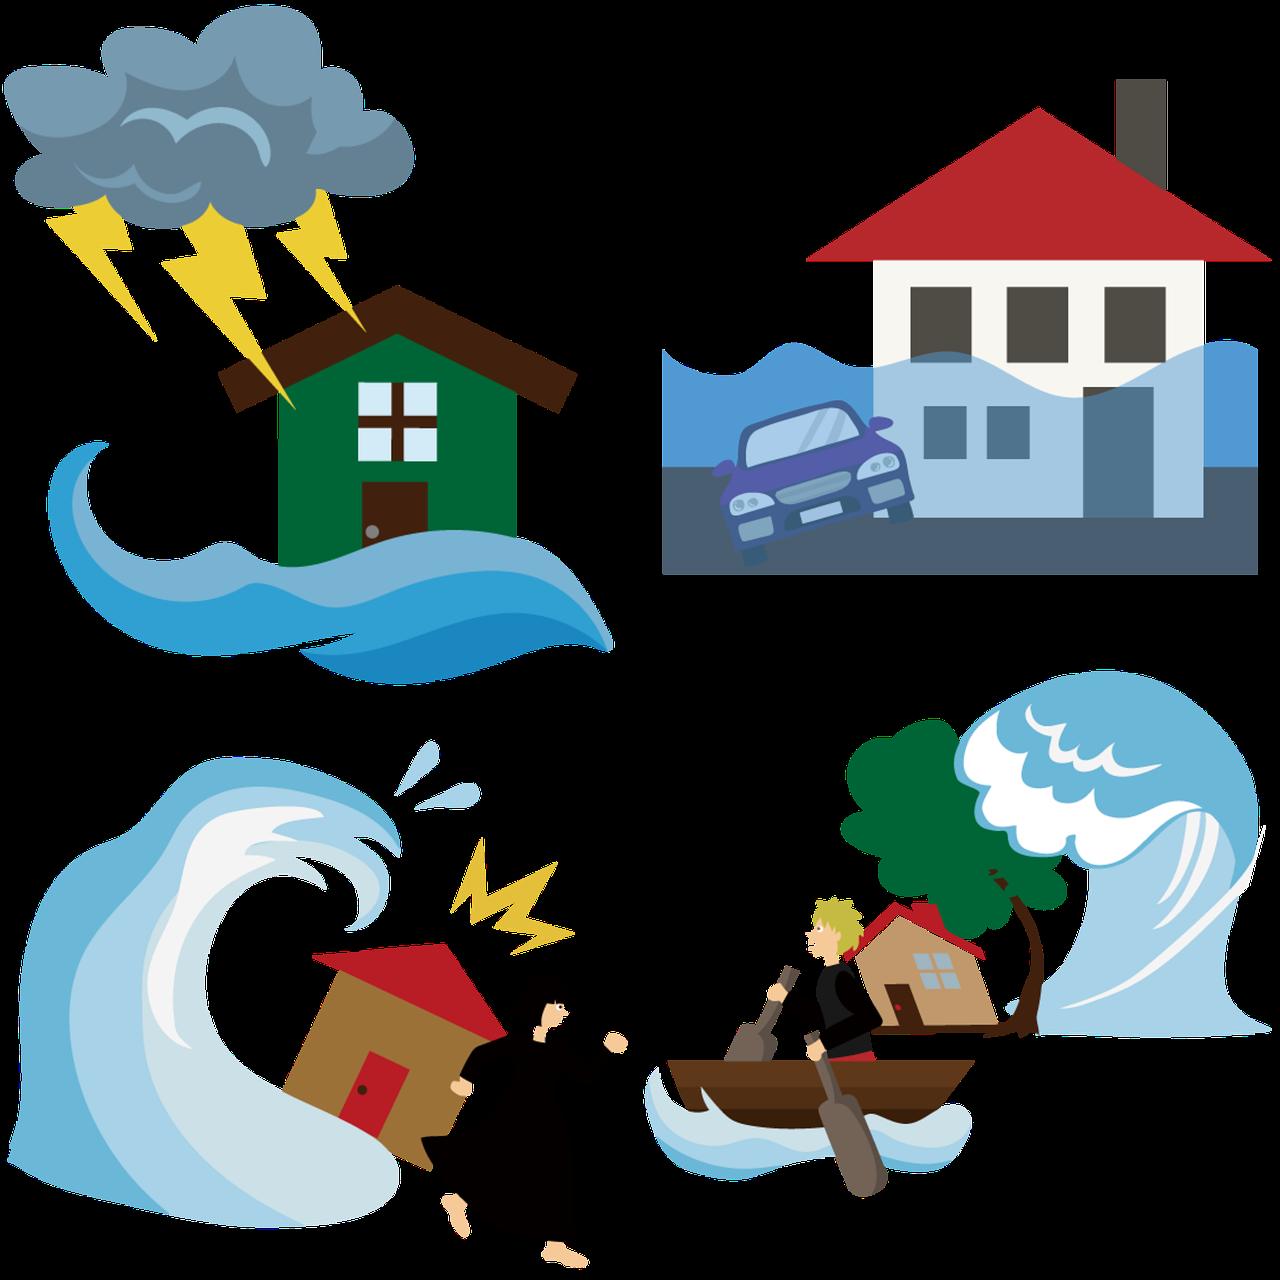 Auch in Findorff: Gefahren durch Starkregen nehmen zu. Jetzt Versicherungsschutz überprüfen